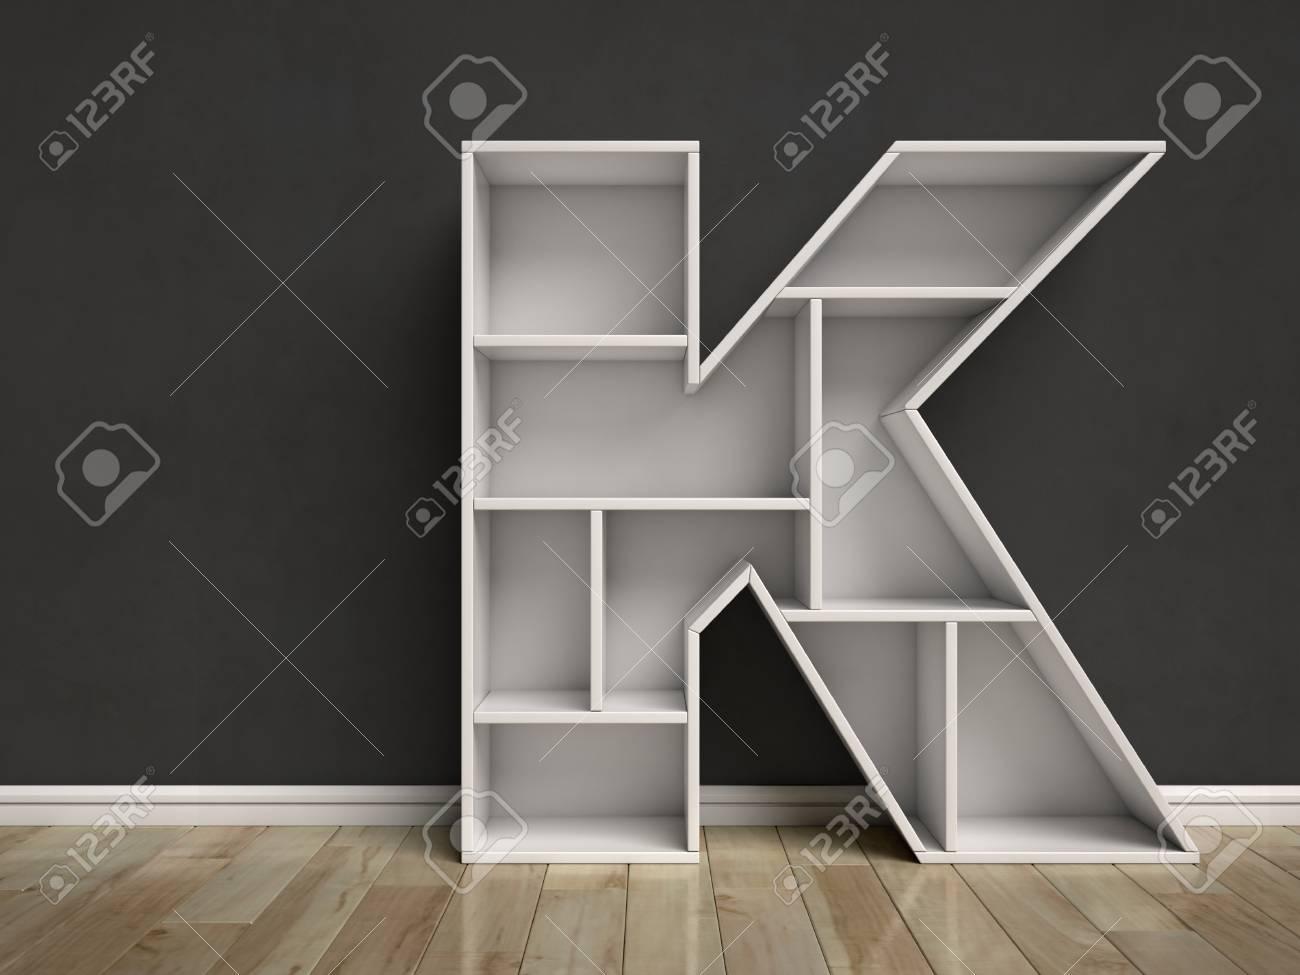 Letter K Shaped Shelves Stock Photo   85541961